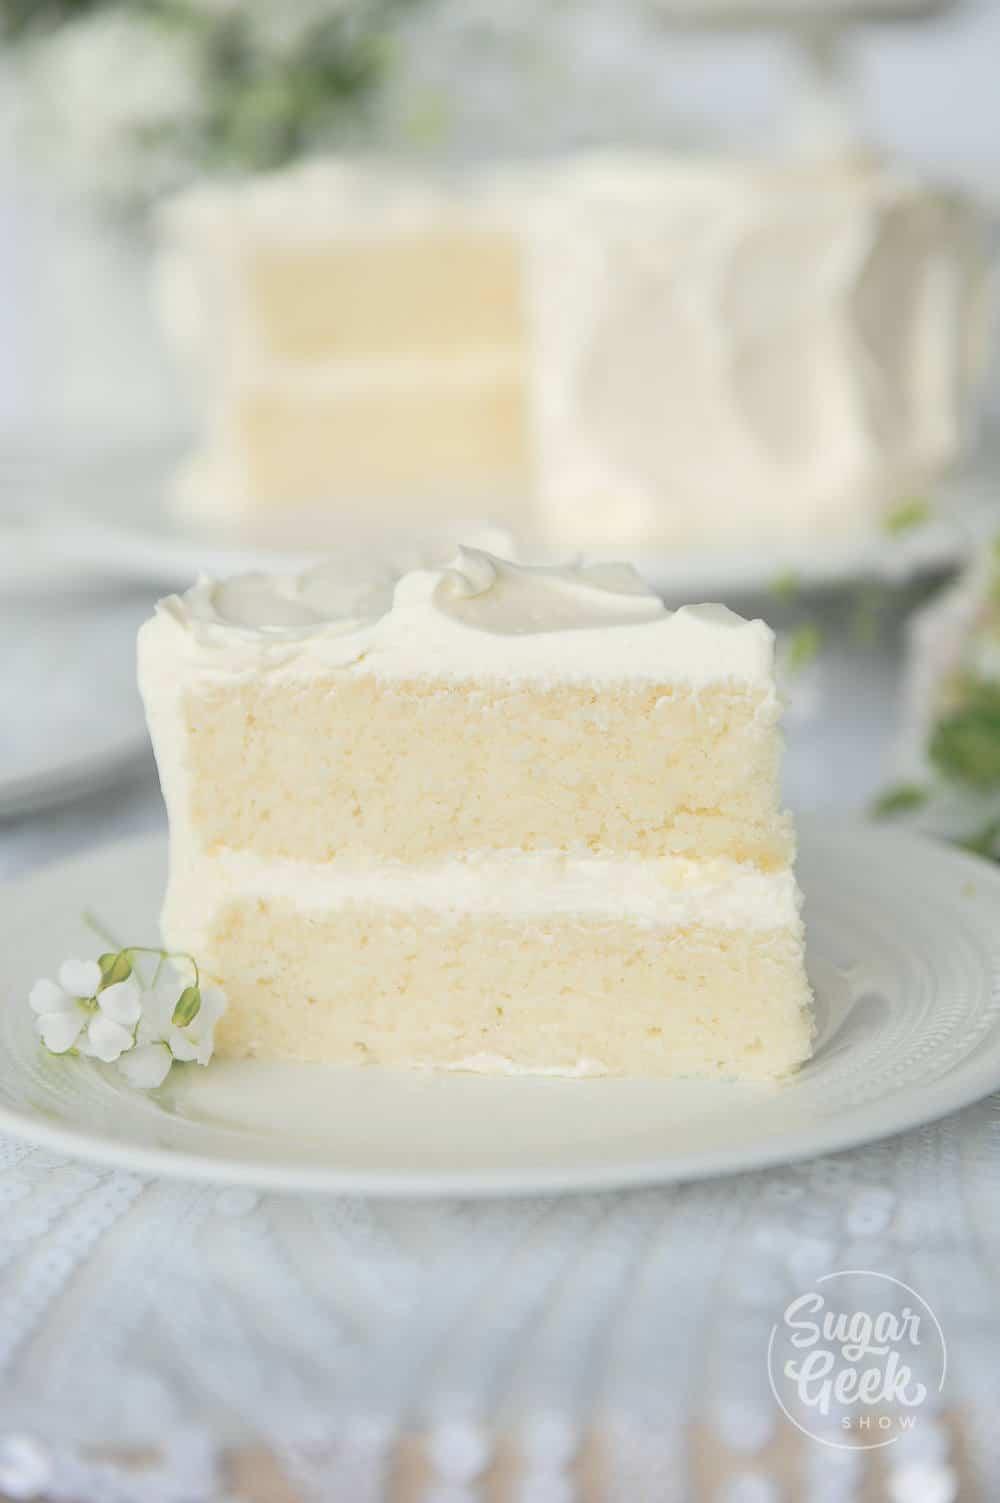 """recette de gâteau blanc moelleux à partir de zéro """"width ="""" 1000 """"height ="""" 1503 """"data-pin-description ="""" Vous allez adorer cette recette de gâteau blanc faite à partir de zéro car sa mie tendre fond dans votre bouche et est SI savoureuse! Adieu le gâteau blanc sec et ennuyeux, c'est la seule recette de gâteau blanc dont vous aurez jamais besoin """"srcset ="""" https://sugargeekshow.com/wp-content/uploads/2018/03/white-cake-recipe-39-of- 55.jpg 1000w, https://sugargeekshow.com/wp-content/uploads/2018/03/white-cake-recipe-39-of-55-426x640.jpg 426w, https://sugargeekshow.com/wp- content / uploads / 2018/03 / recette-de-gâteau-blanc-39-sur-55-768x1154.jpg 768w, https://sugargeekshow.com/wp-content/uploads/2018/03/white-cake-recipe-39 -of-55-532x800.jpg 532w """"tailles ="""" (largeur maximale: 1000px) 100vw, 1000px"""